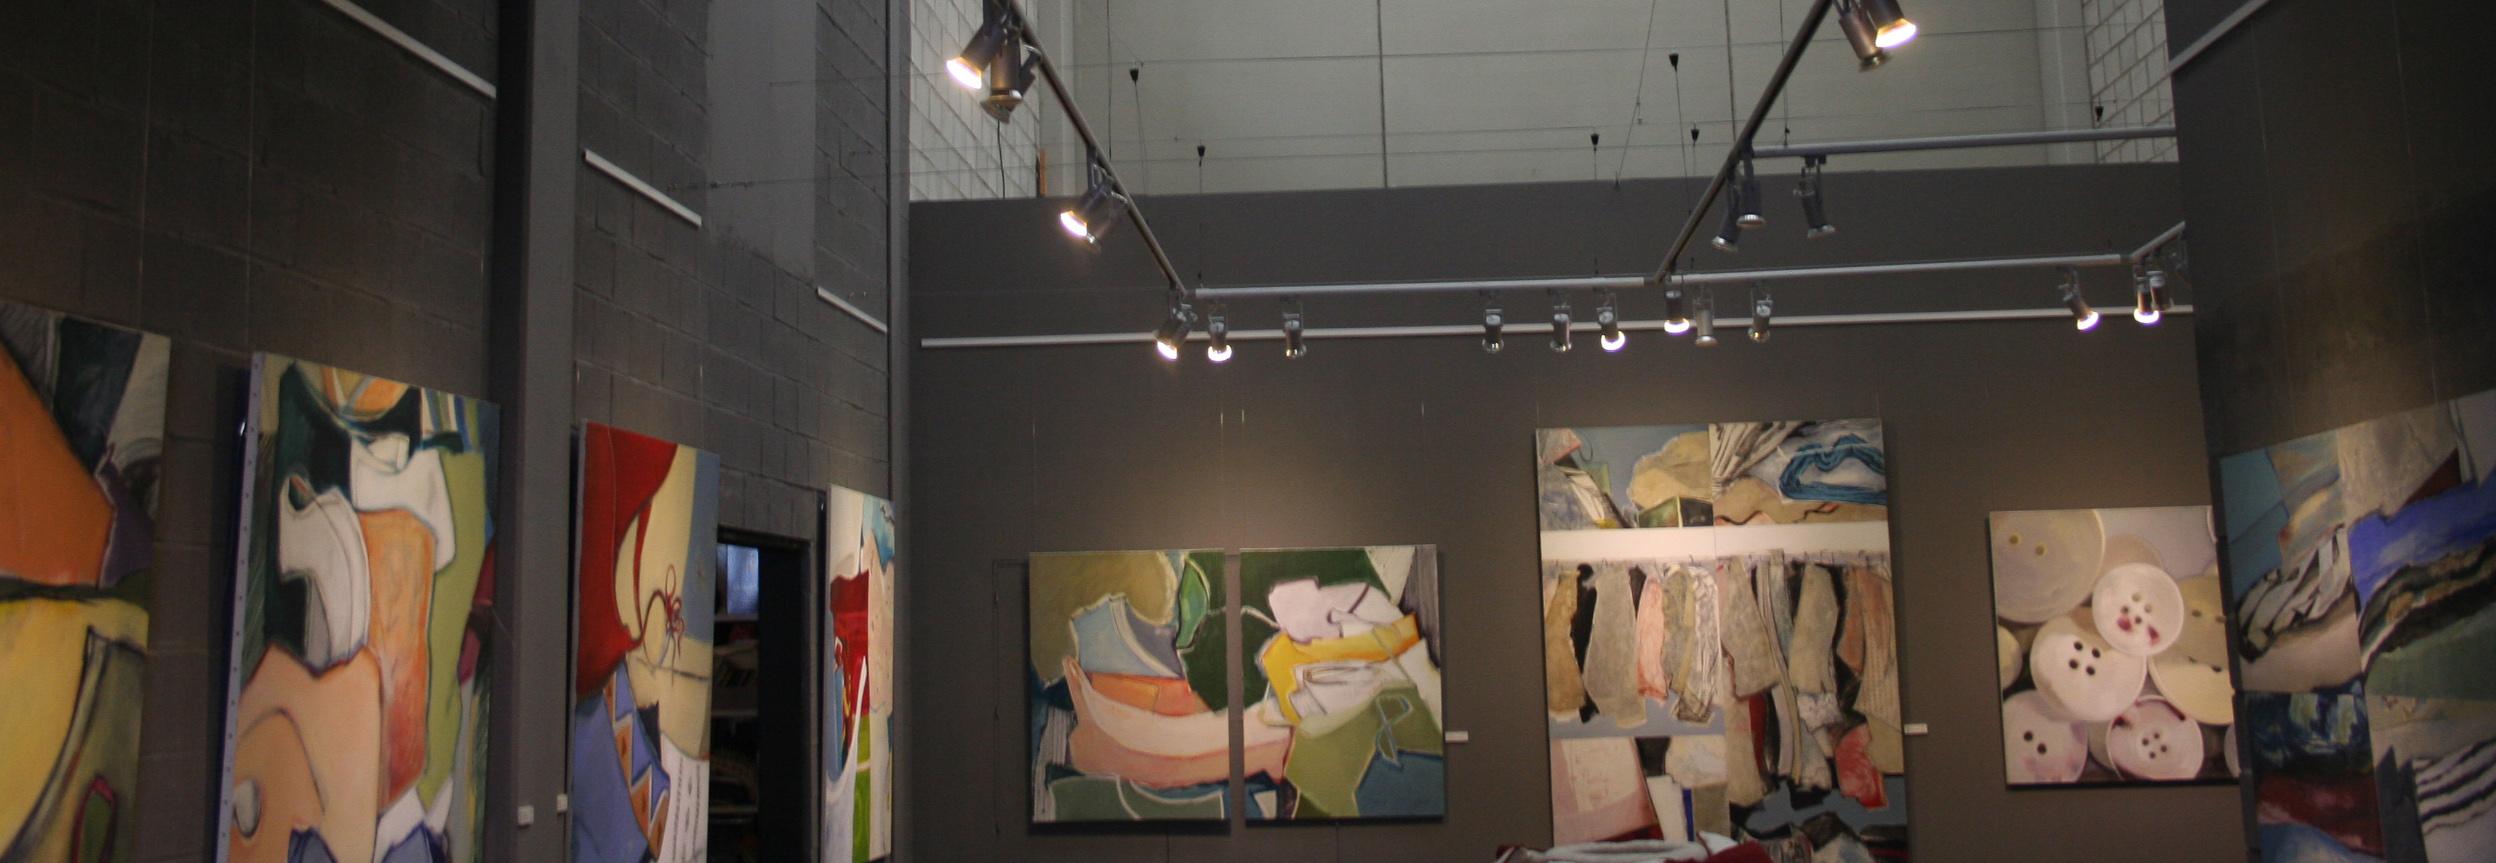 1-Entretelas.Imagen de la exposición